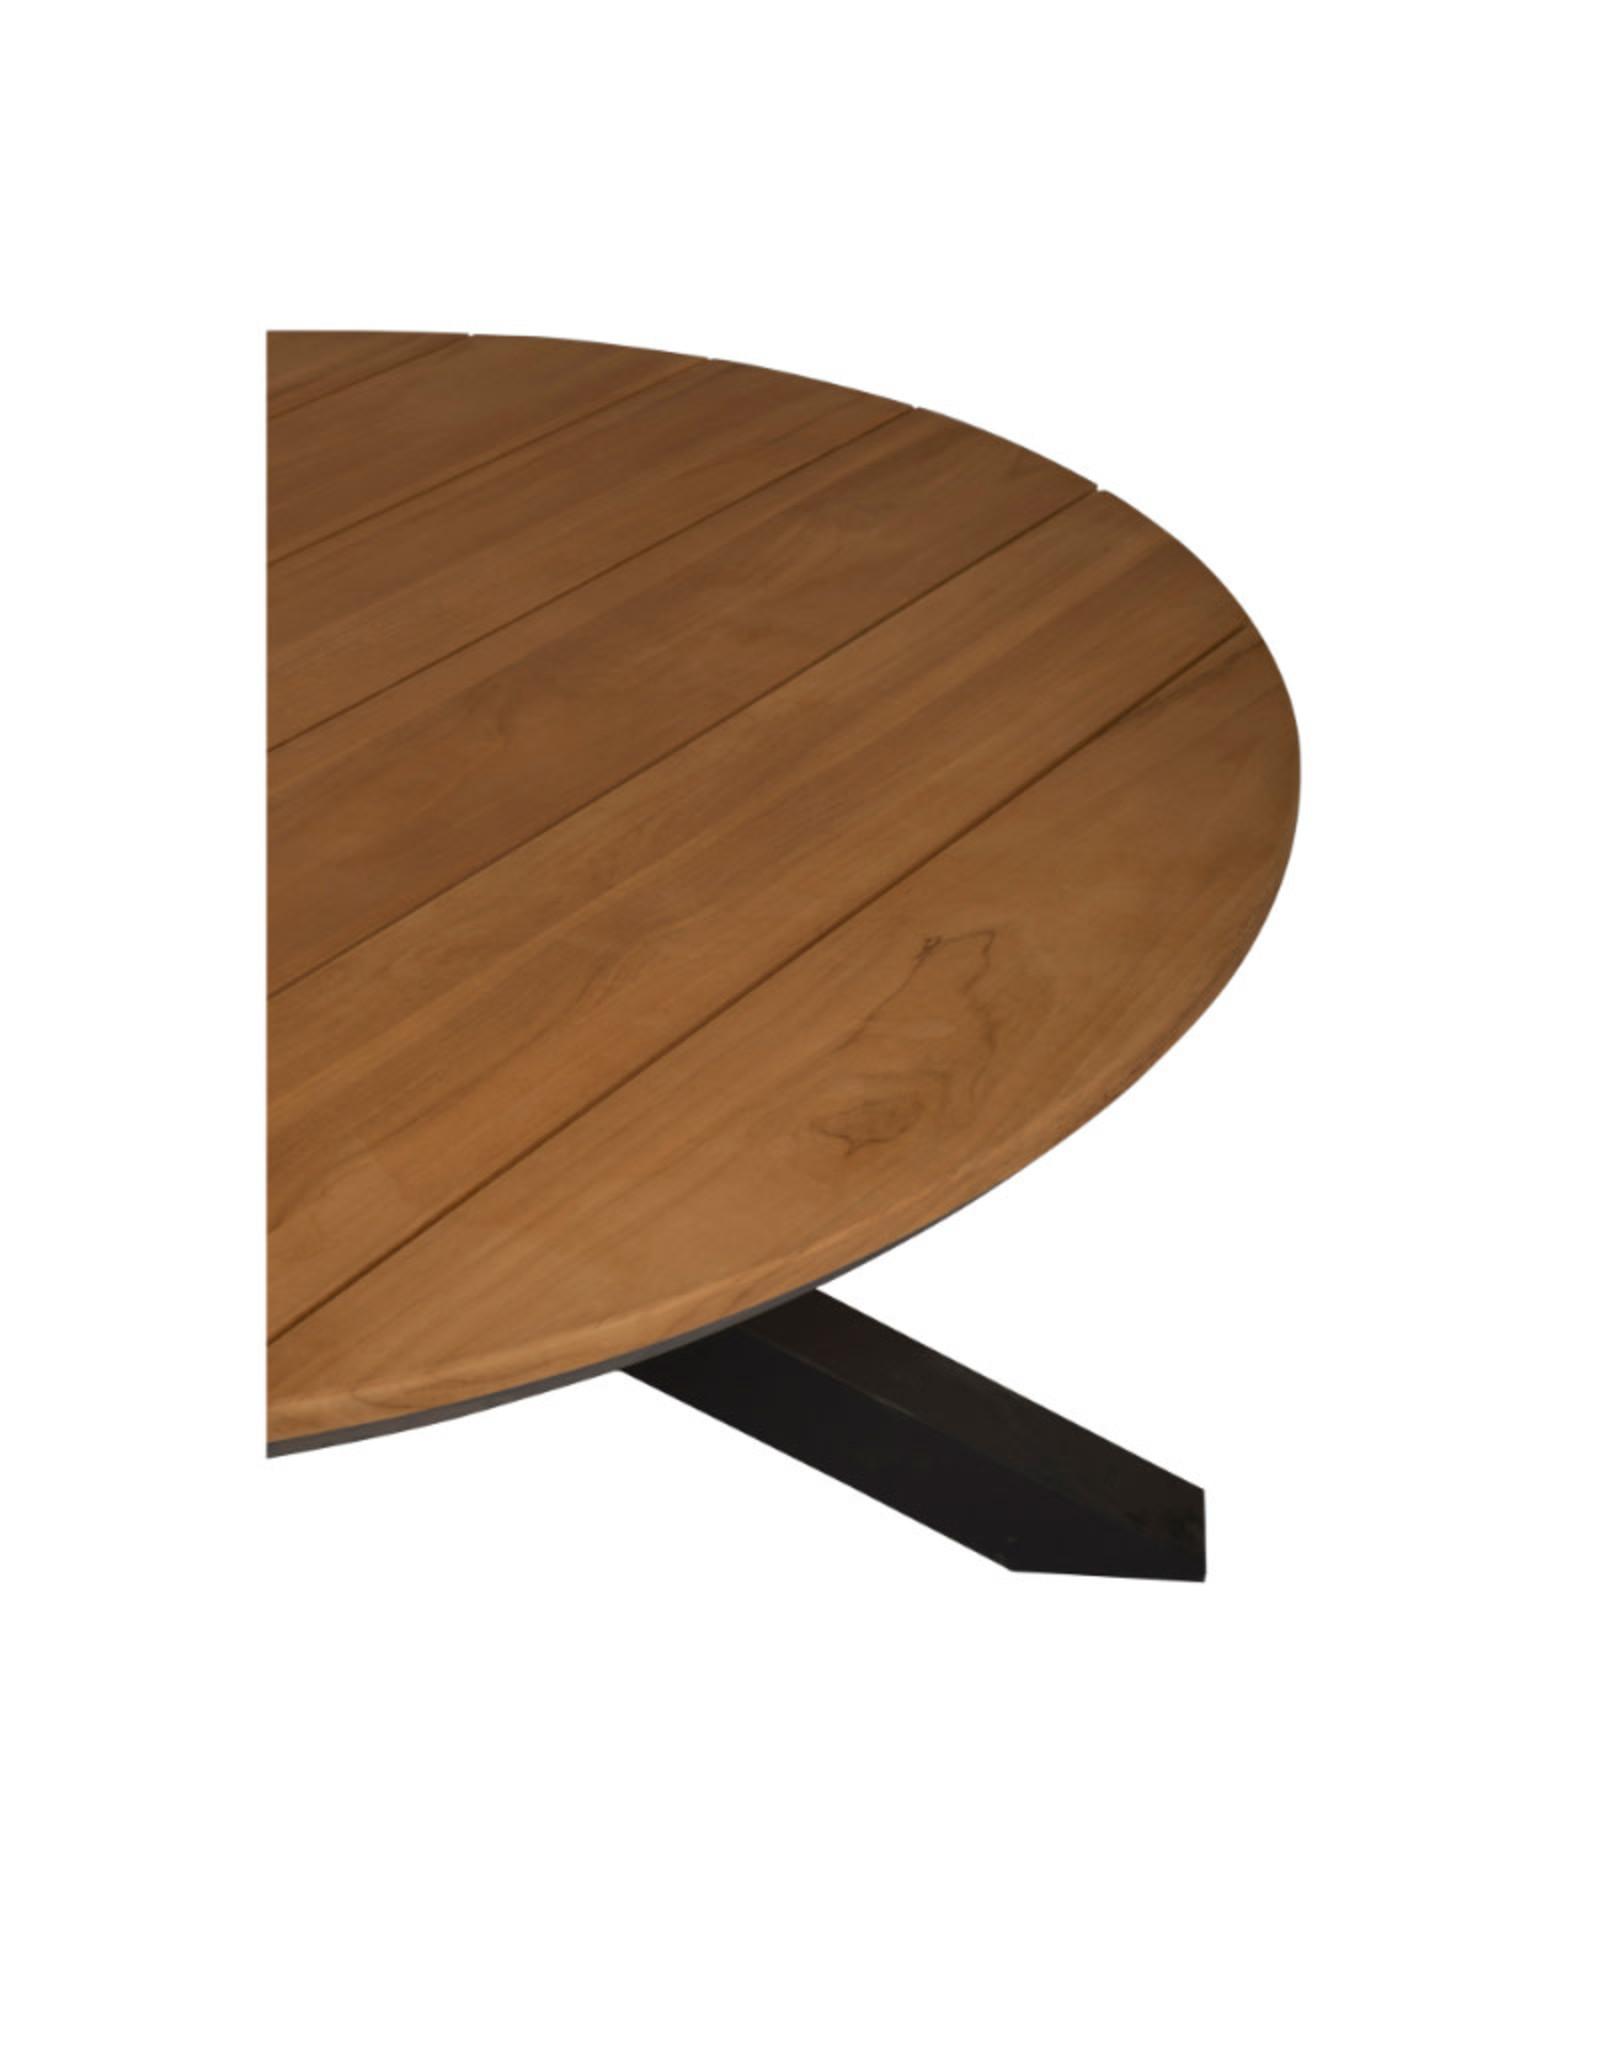 Tierra Outdoor Tierra Outdoor Omnigo Dining Table 150cm